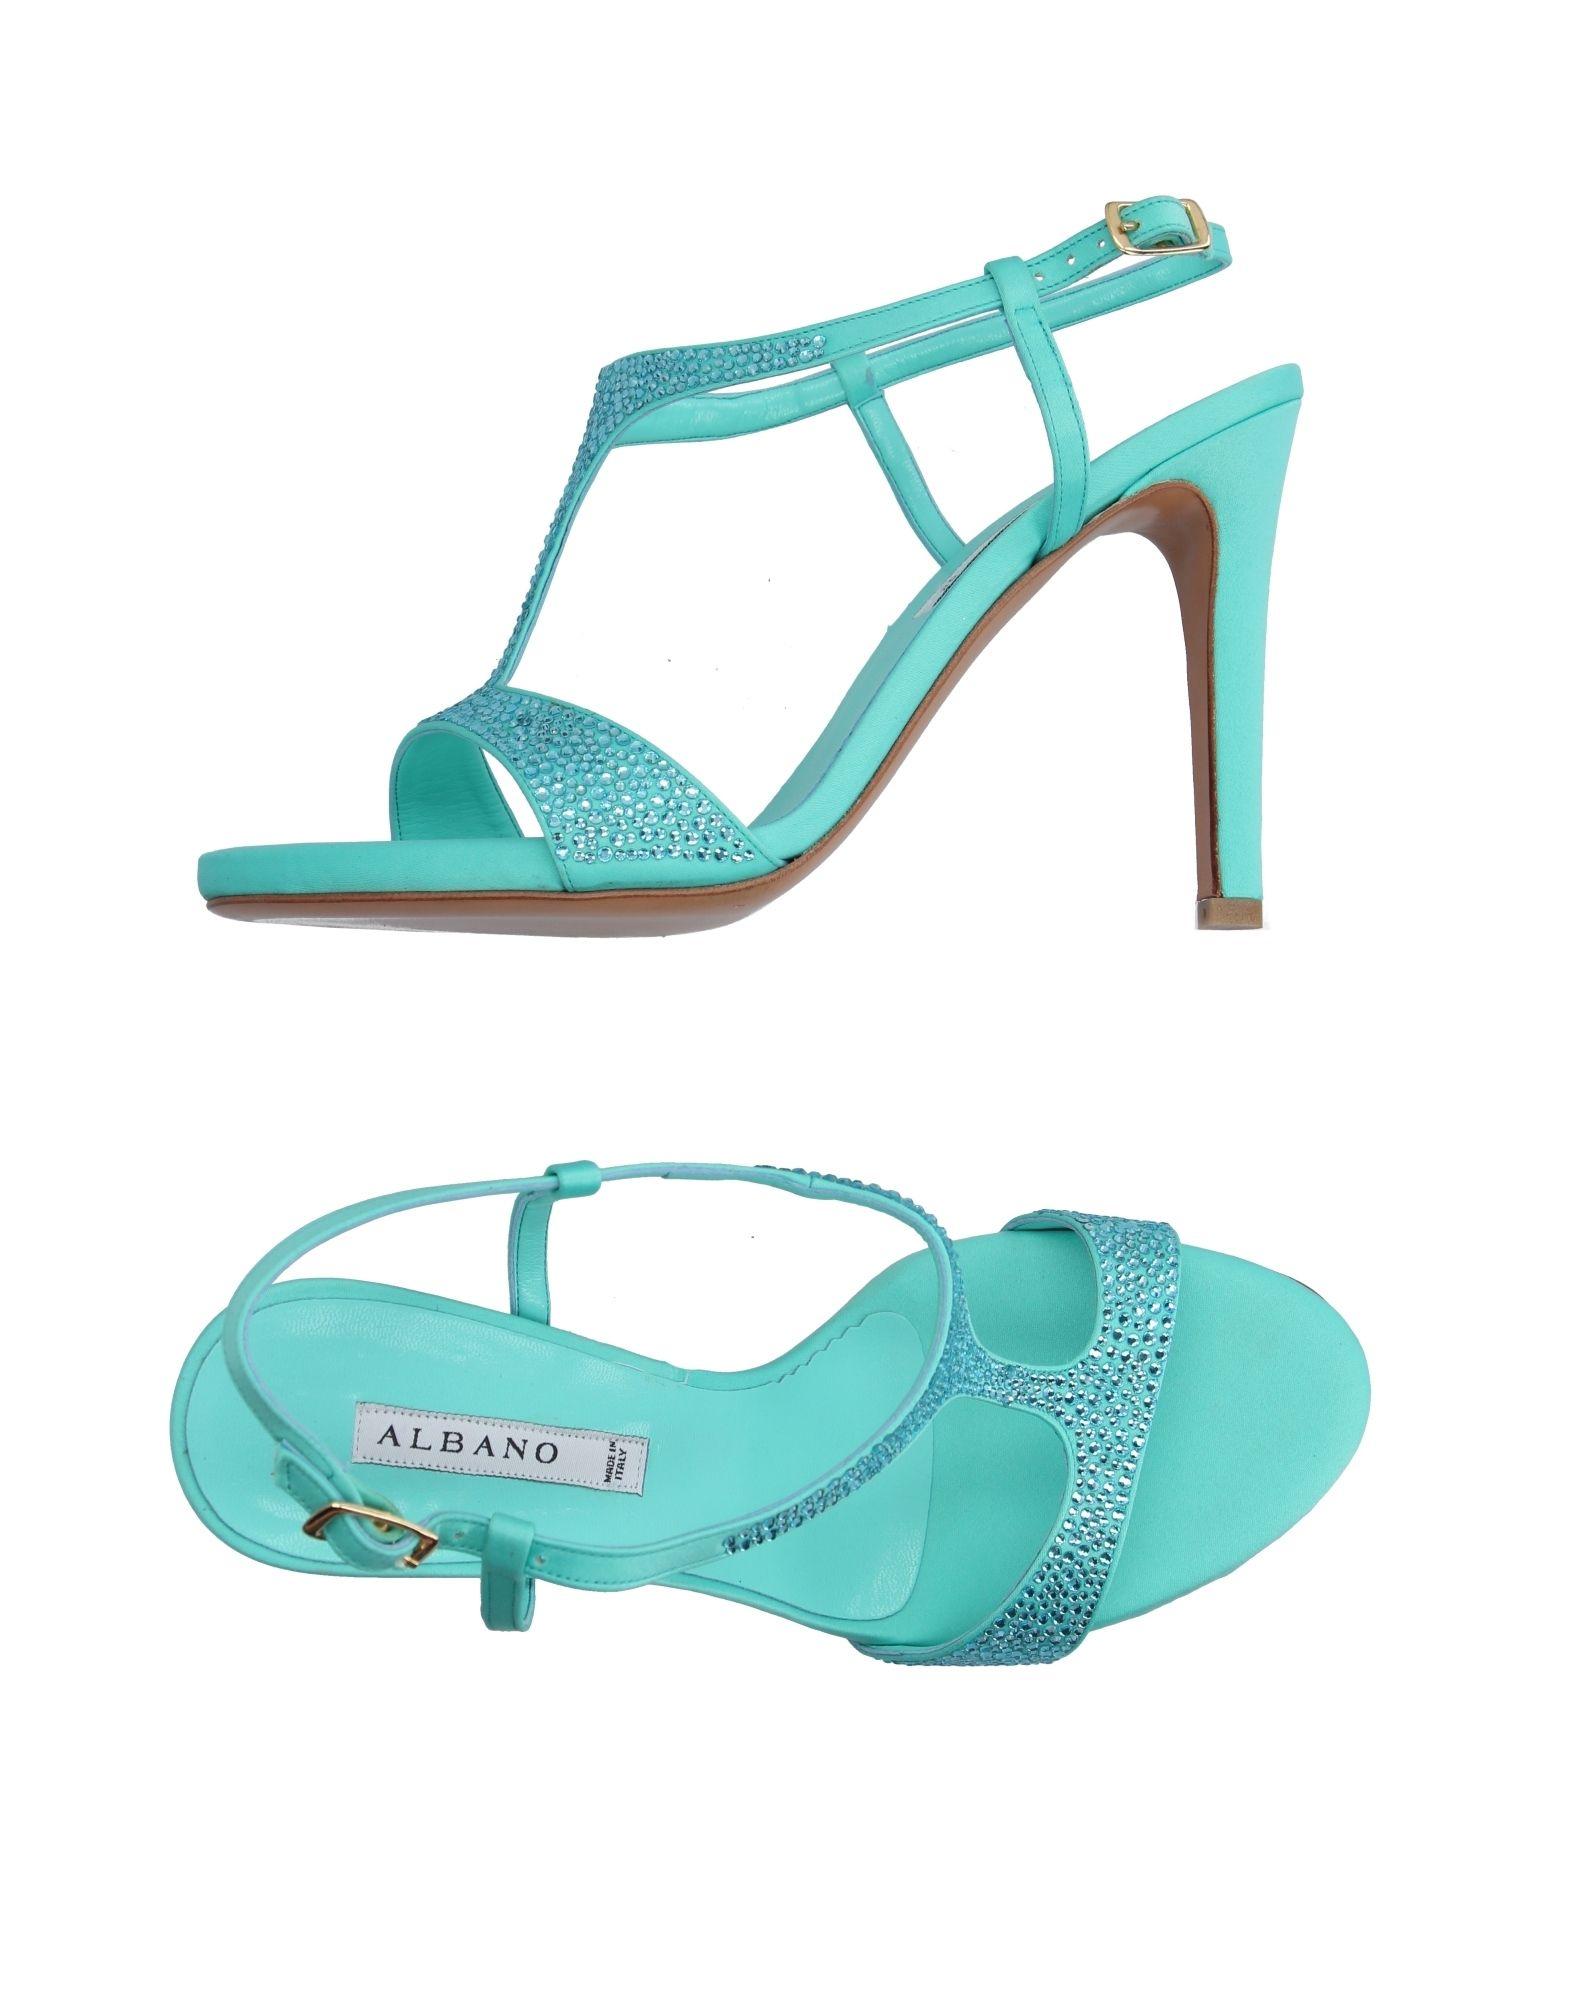 Albano Sandalen Damen  11174890AF Gute Qualität beliebte Schuhe